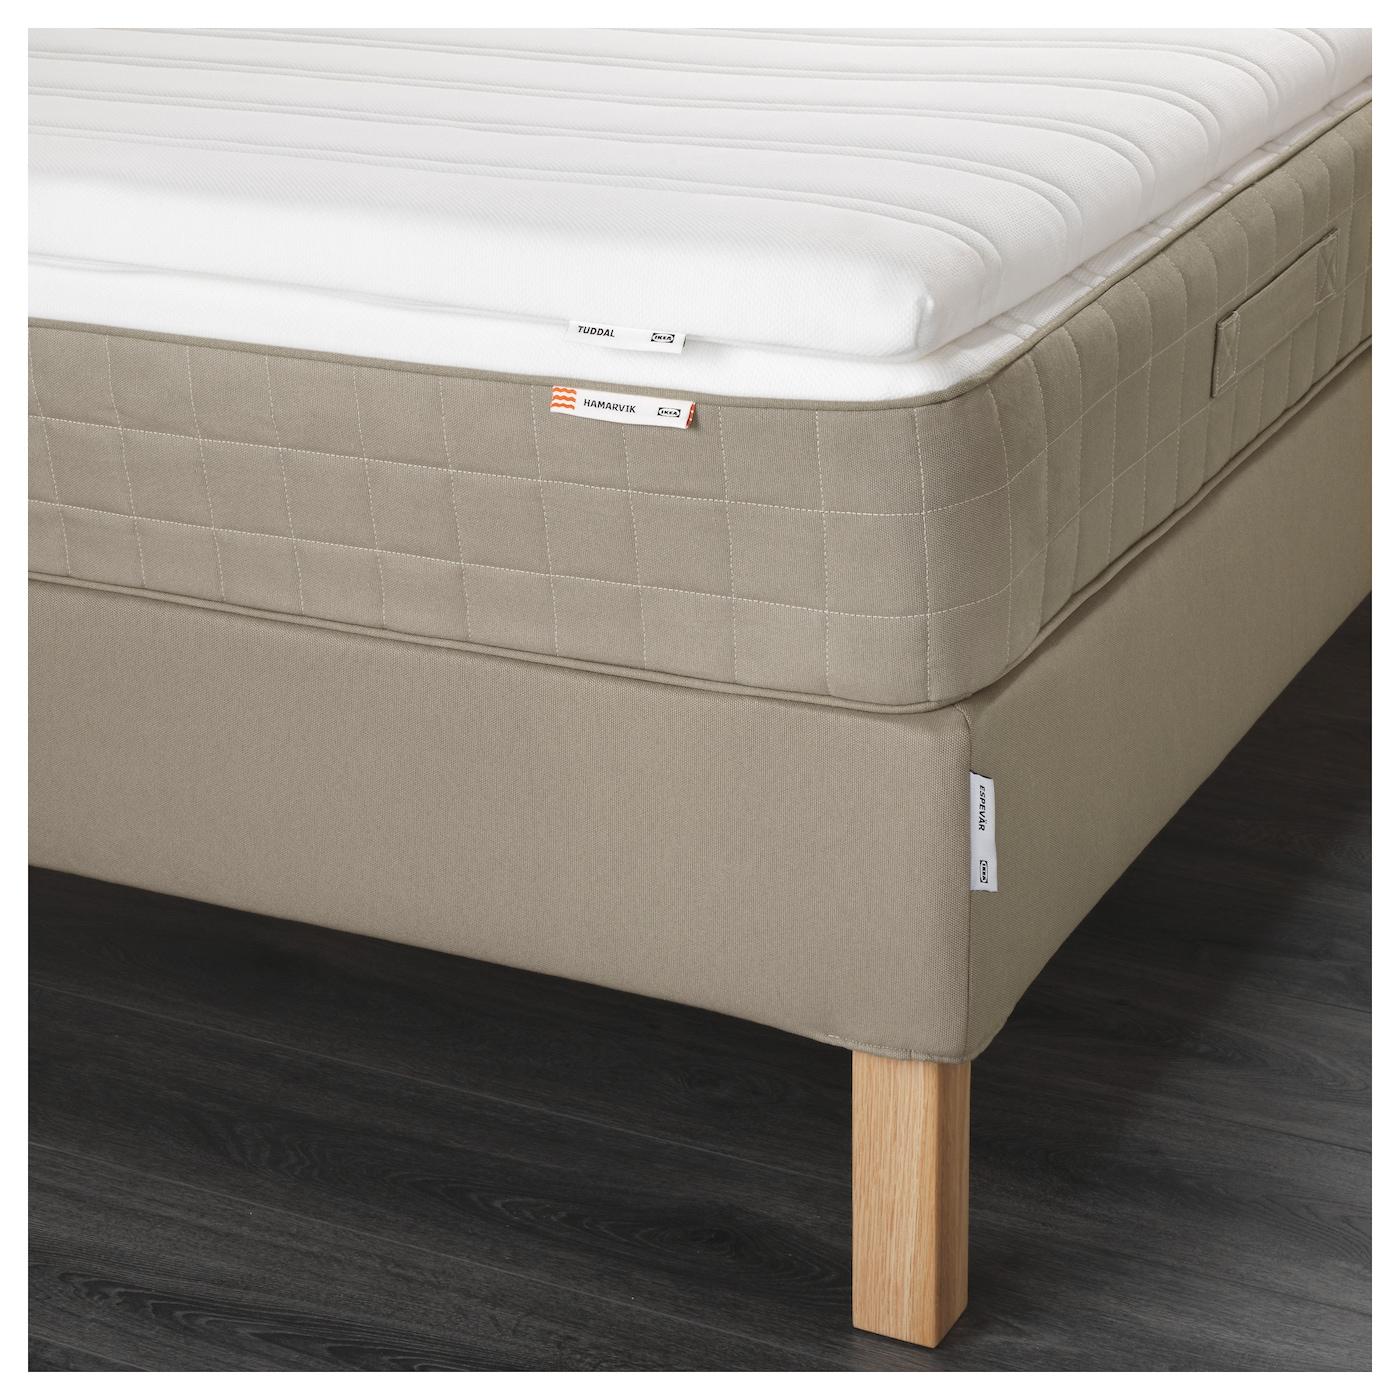 espev r lit sommier hamarvik mi ferme tuddal beige fonc. Black Bedroom Furniture Sets. Home Design Ideas